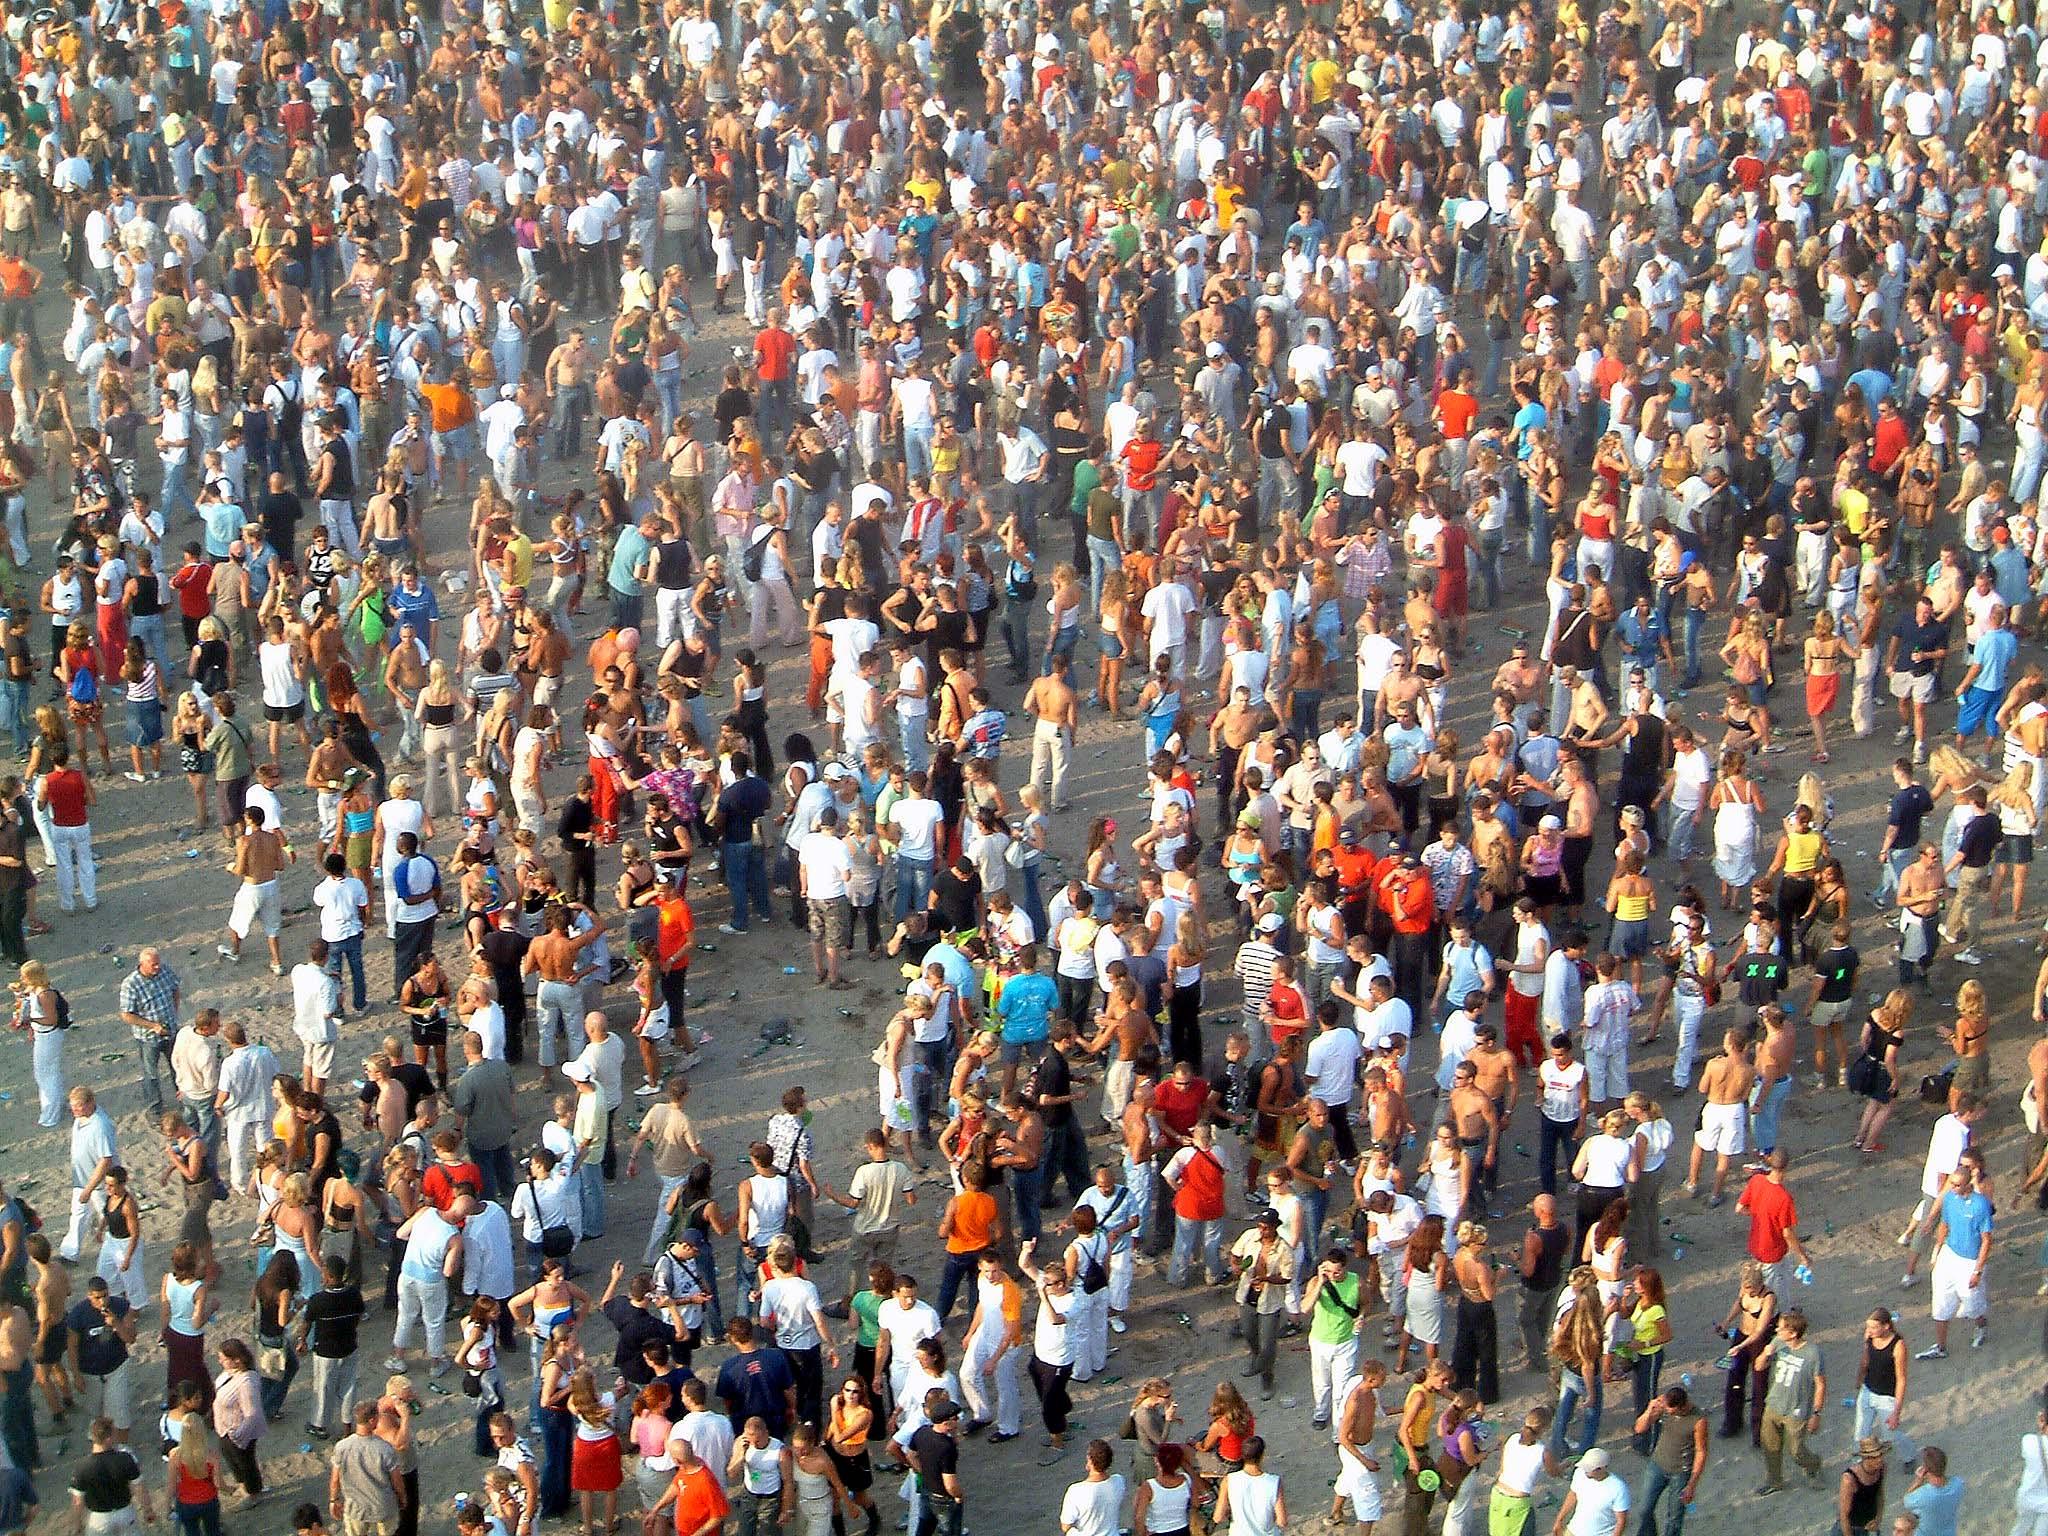 loads-of-people-1464557.jpg